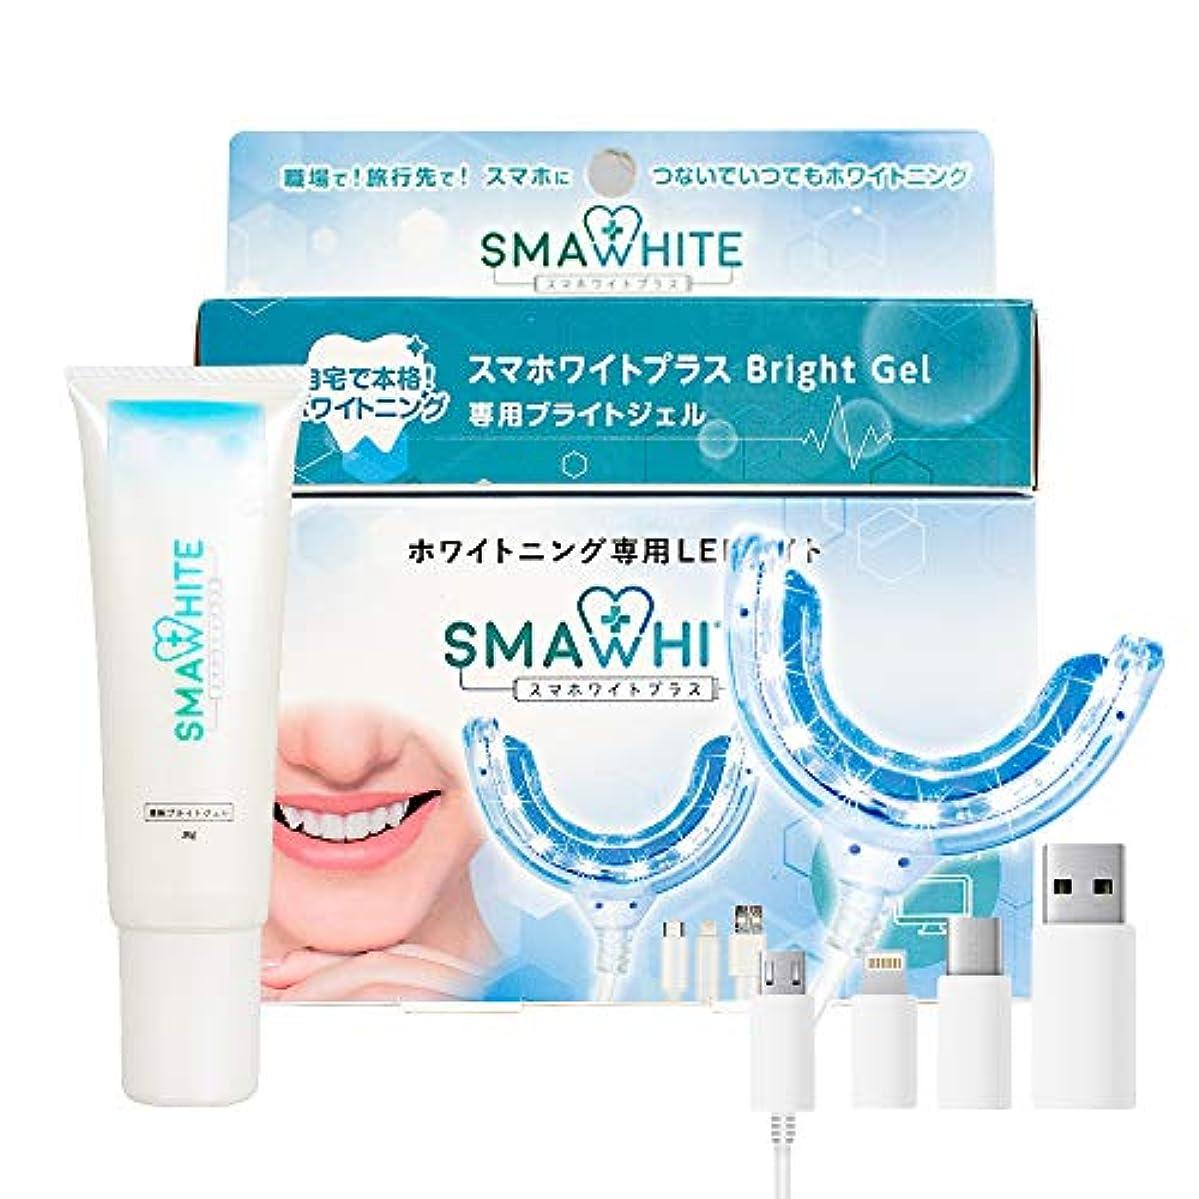 オーブン均等に悲しいことにスマホワイトプラス(SMAWHITE+) ホワイトニングキット LEDマウスピース+専用ジェル 初めての方向けセット 自宅で簡単 歯のセルフホワイトニング [一般医療機器]